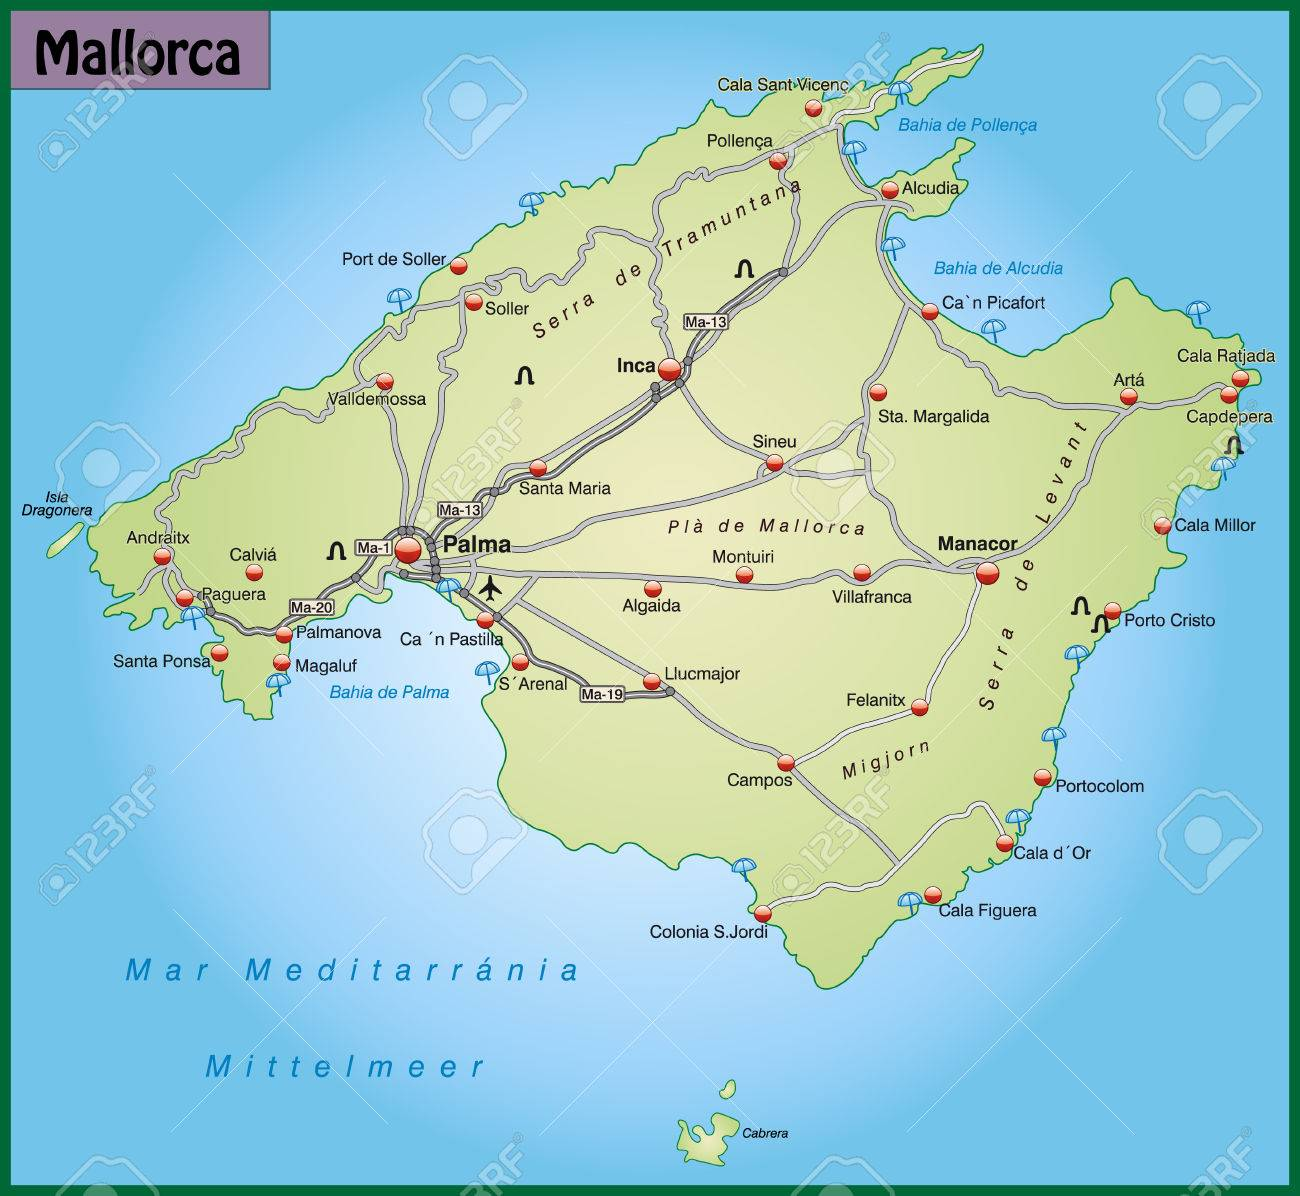 Karte Von Mallorca Mit Autobahnen In Pastellgrun Lizenzfrei